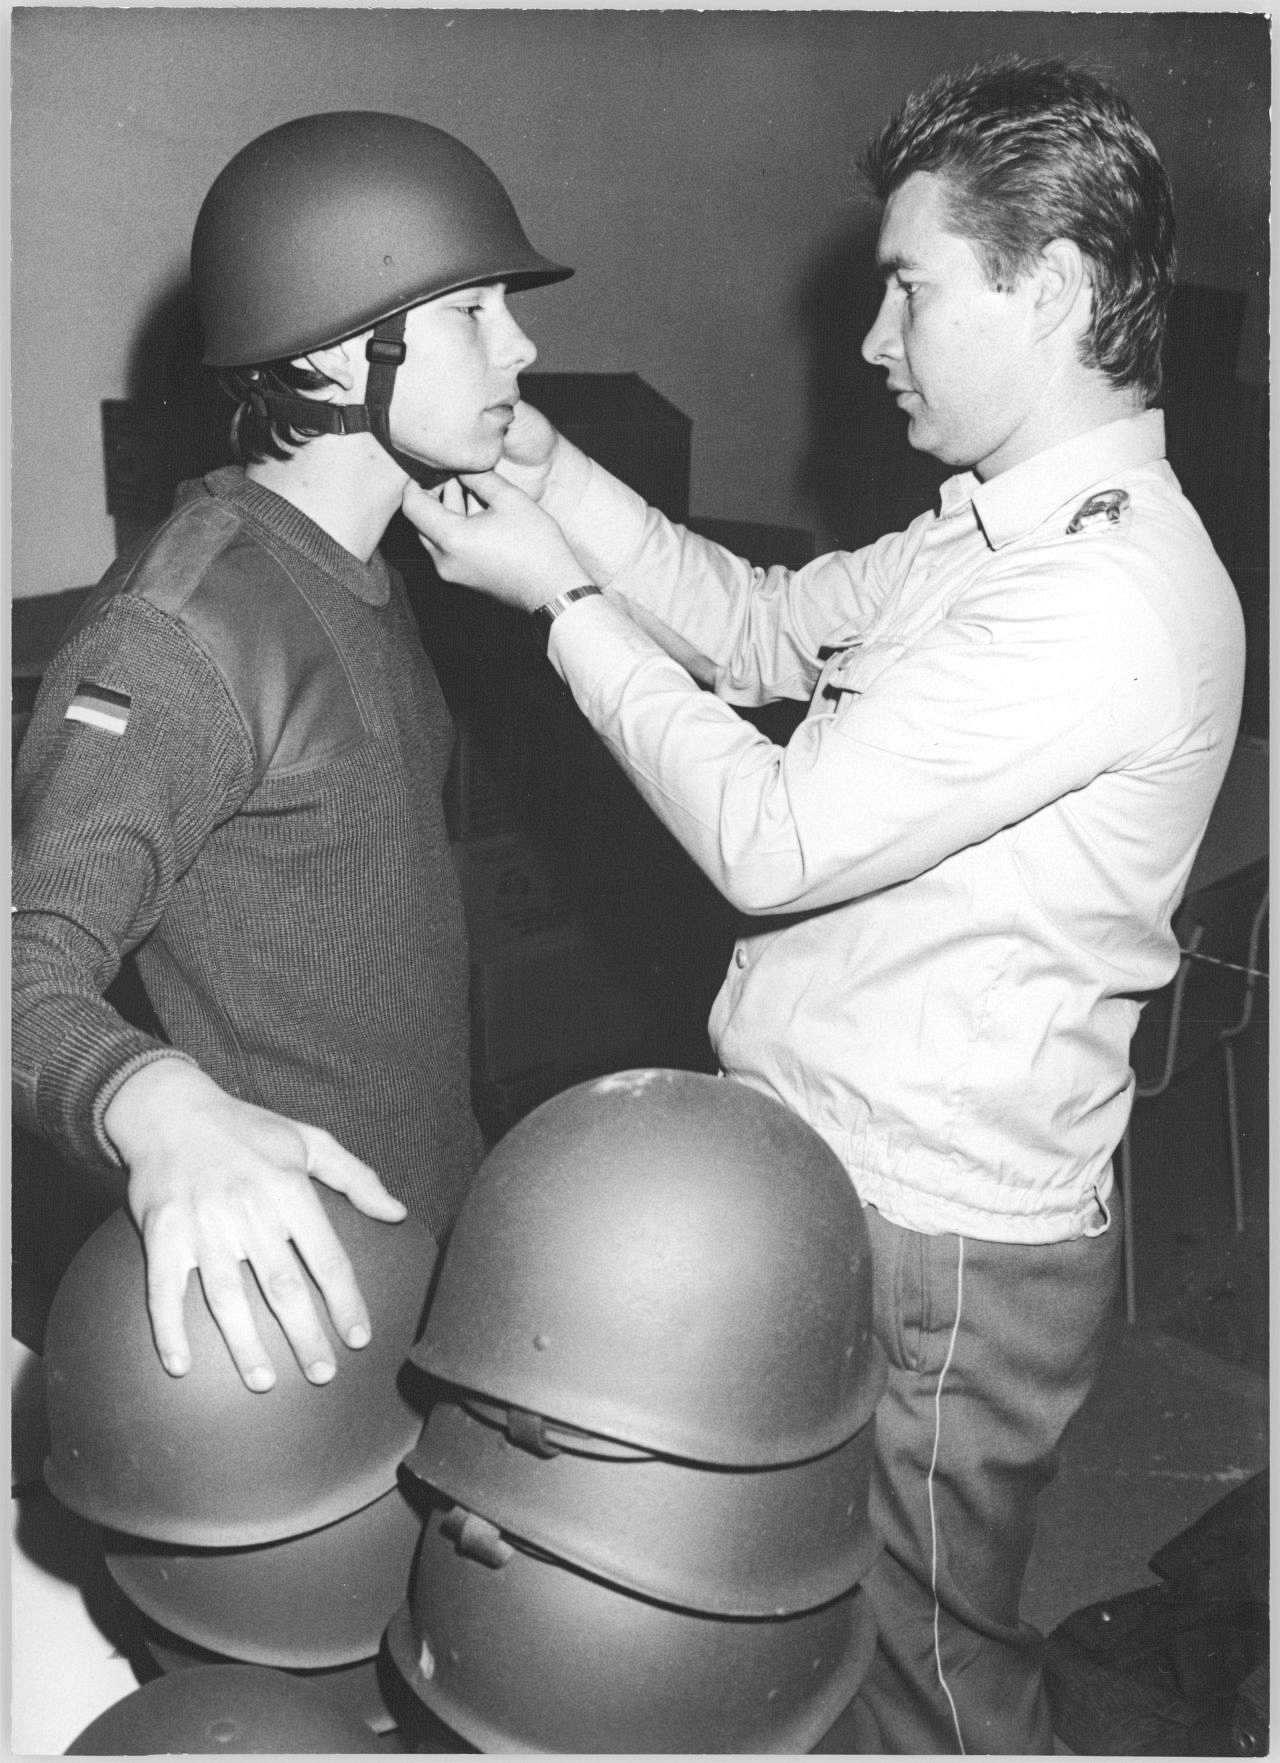 schwarzweiße Fotografie, Hochformat: Ein junger Soldat der NVA, links im Bild, erhält seine neue Bundeswehr-Uniform. Ein Soldat der Bundeswehr, rechts im Bild, legt ihm den Helm an.